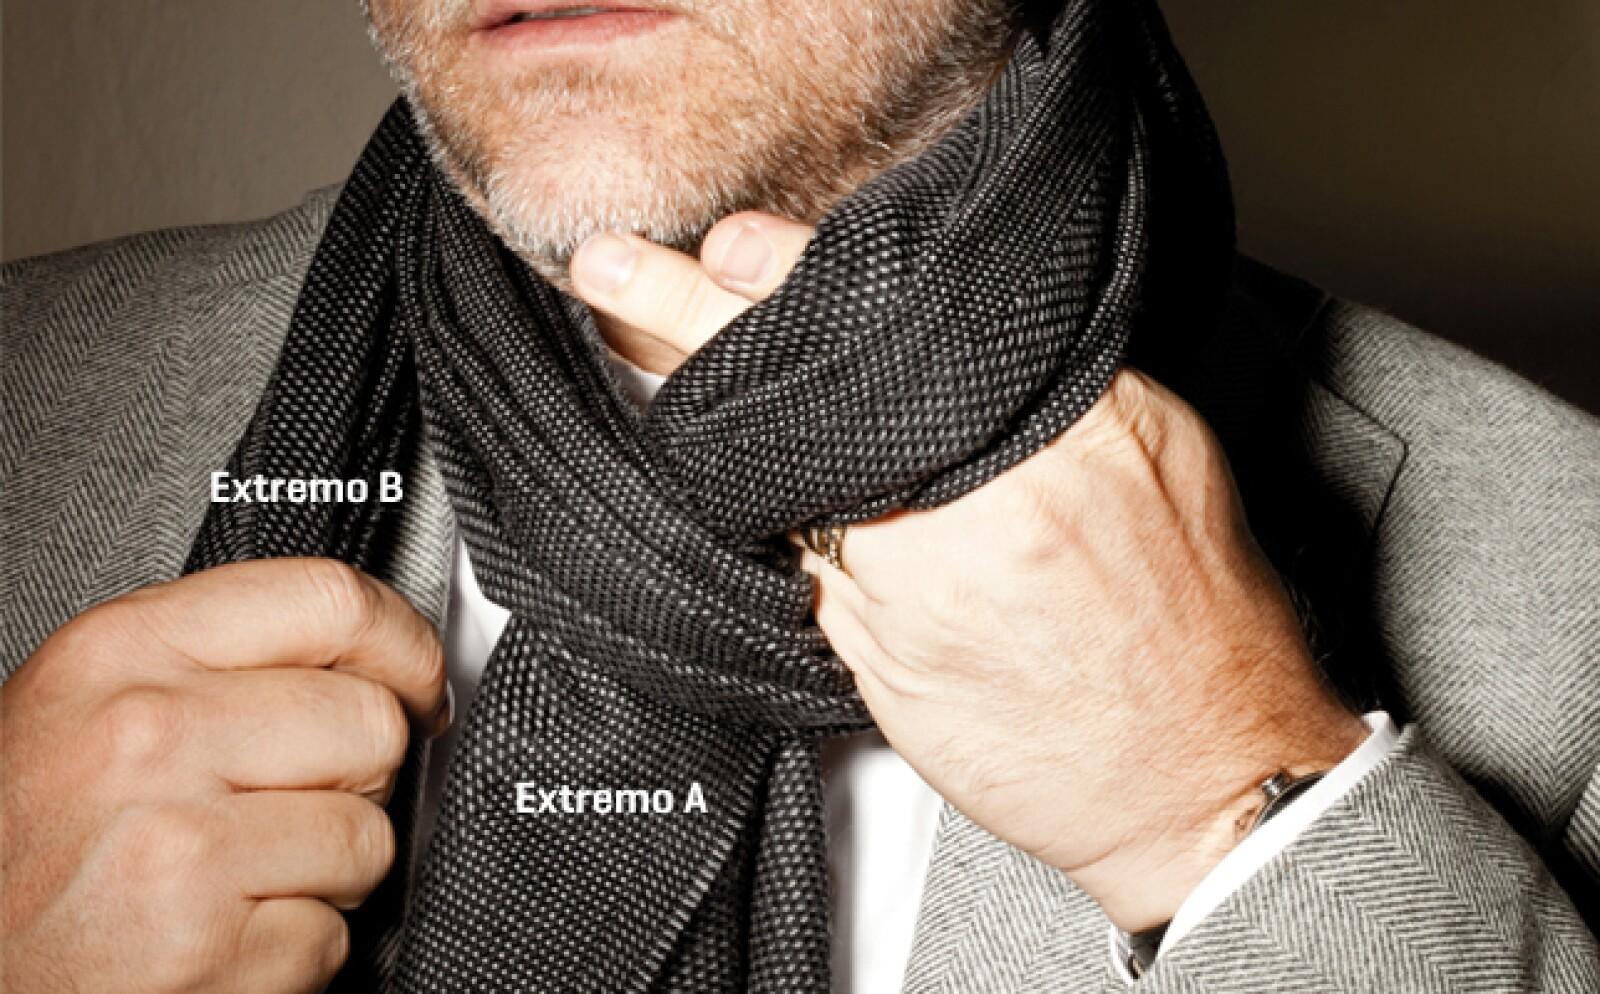 Con tu mano izquierda, jala el extremo A por encima de la parte que quedó enrollada en tu cuello para formar un hueco.